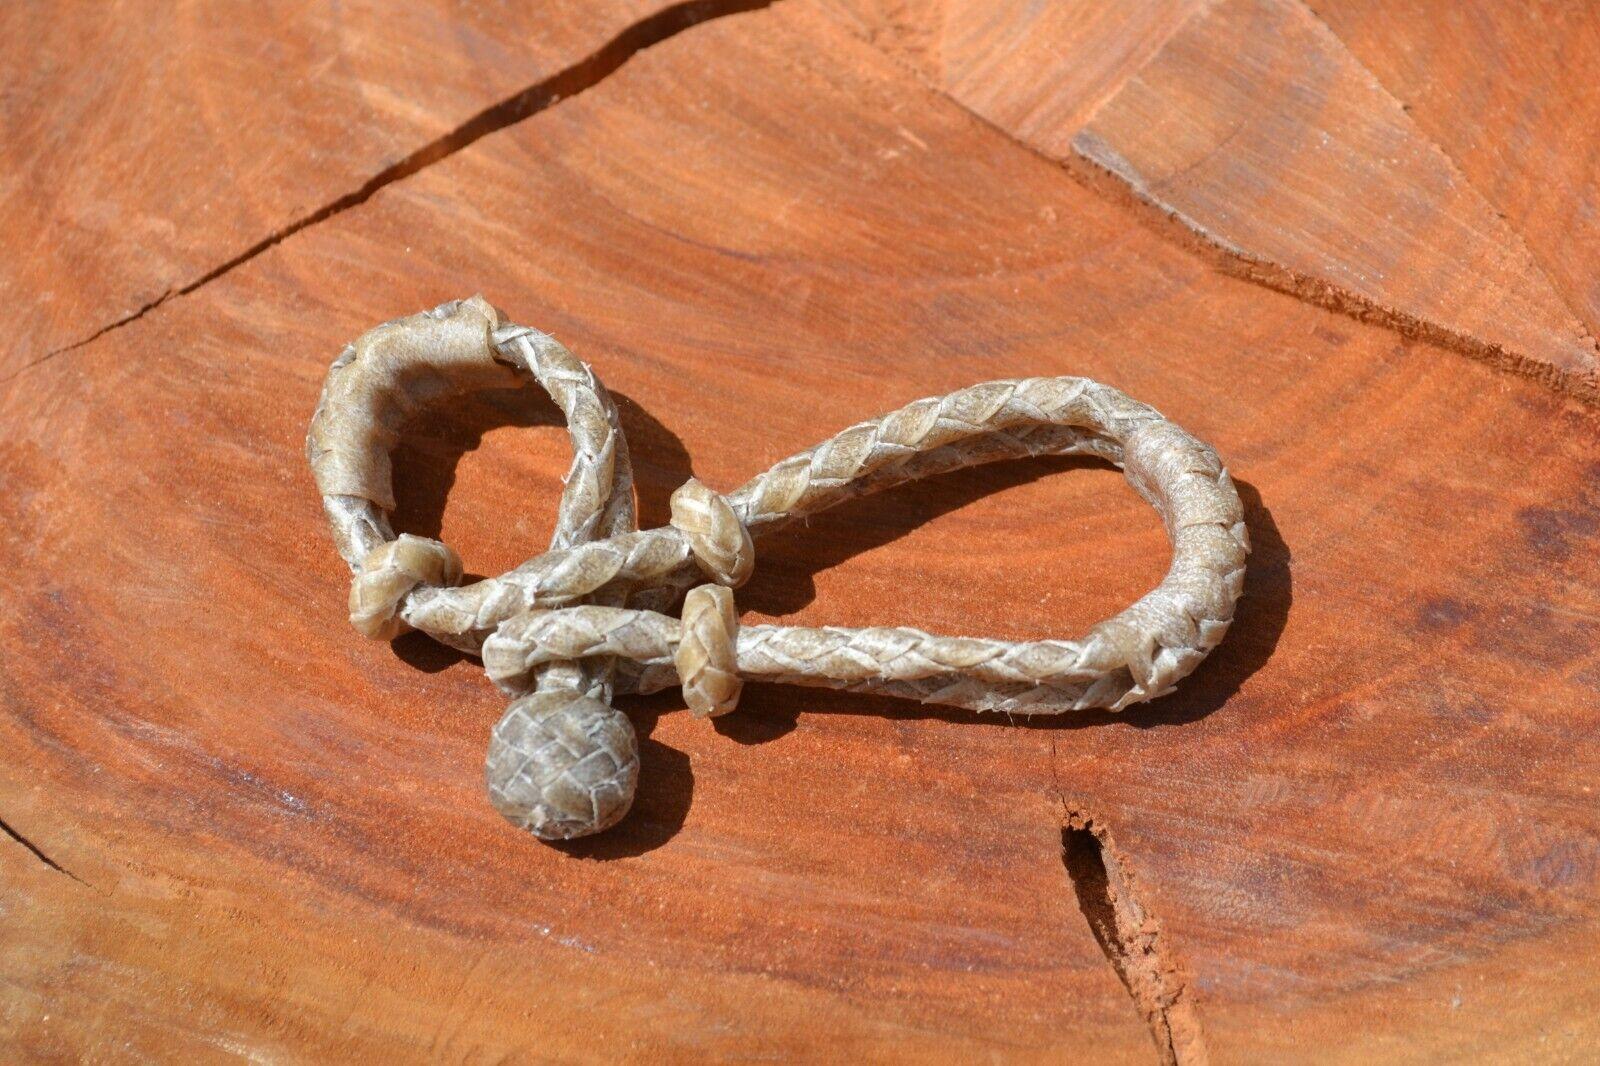 Ersatz 4 Zopf Hand Hand Hand Geflochtene Rohleder Bit   Zügel Verbinder - Paar       Neue Sorten werden eingeführt  4ad78b